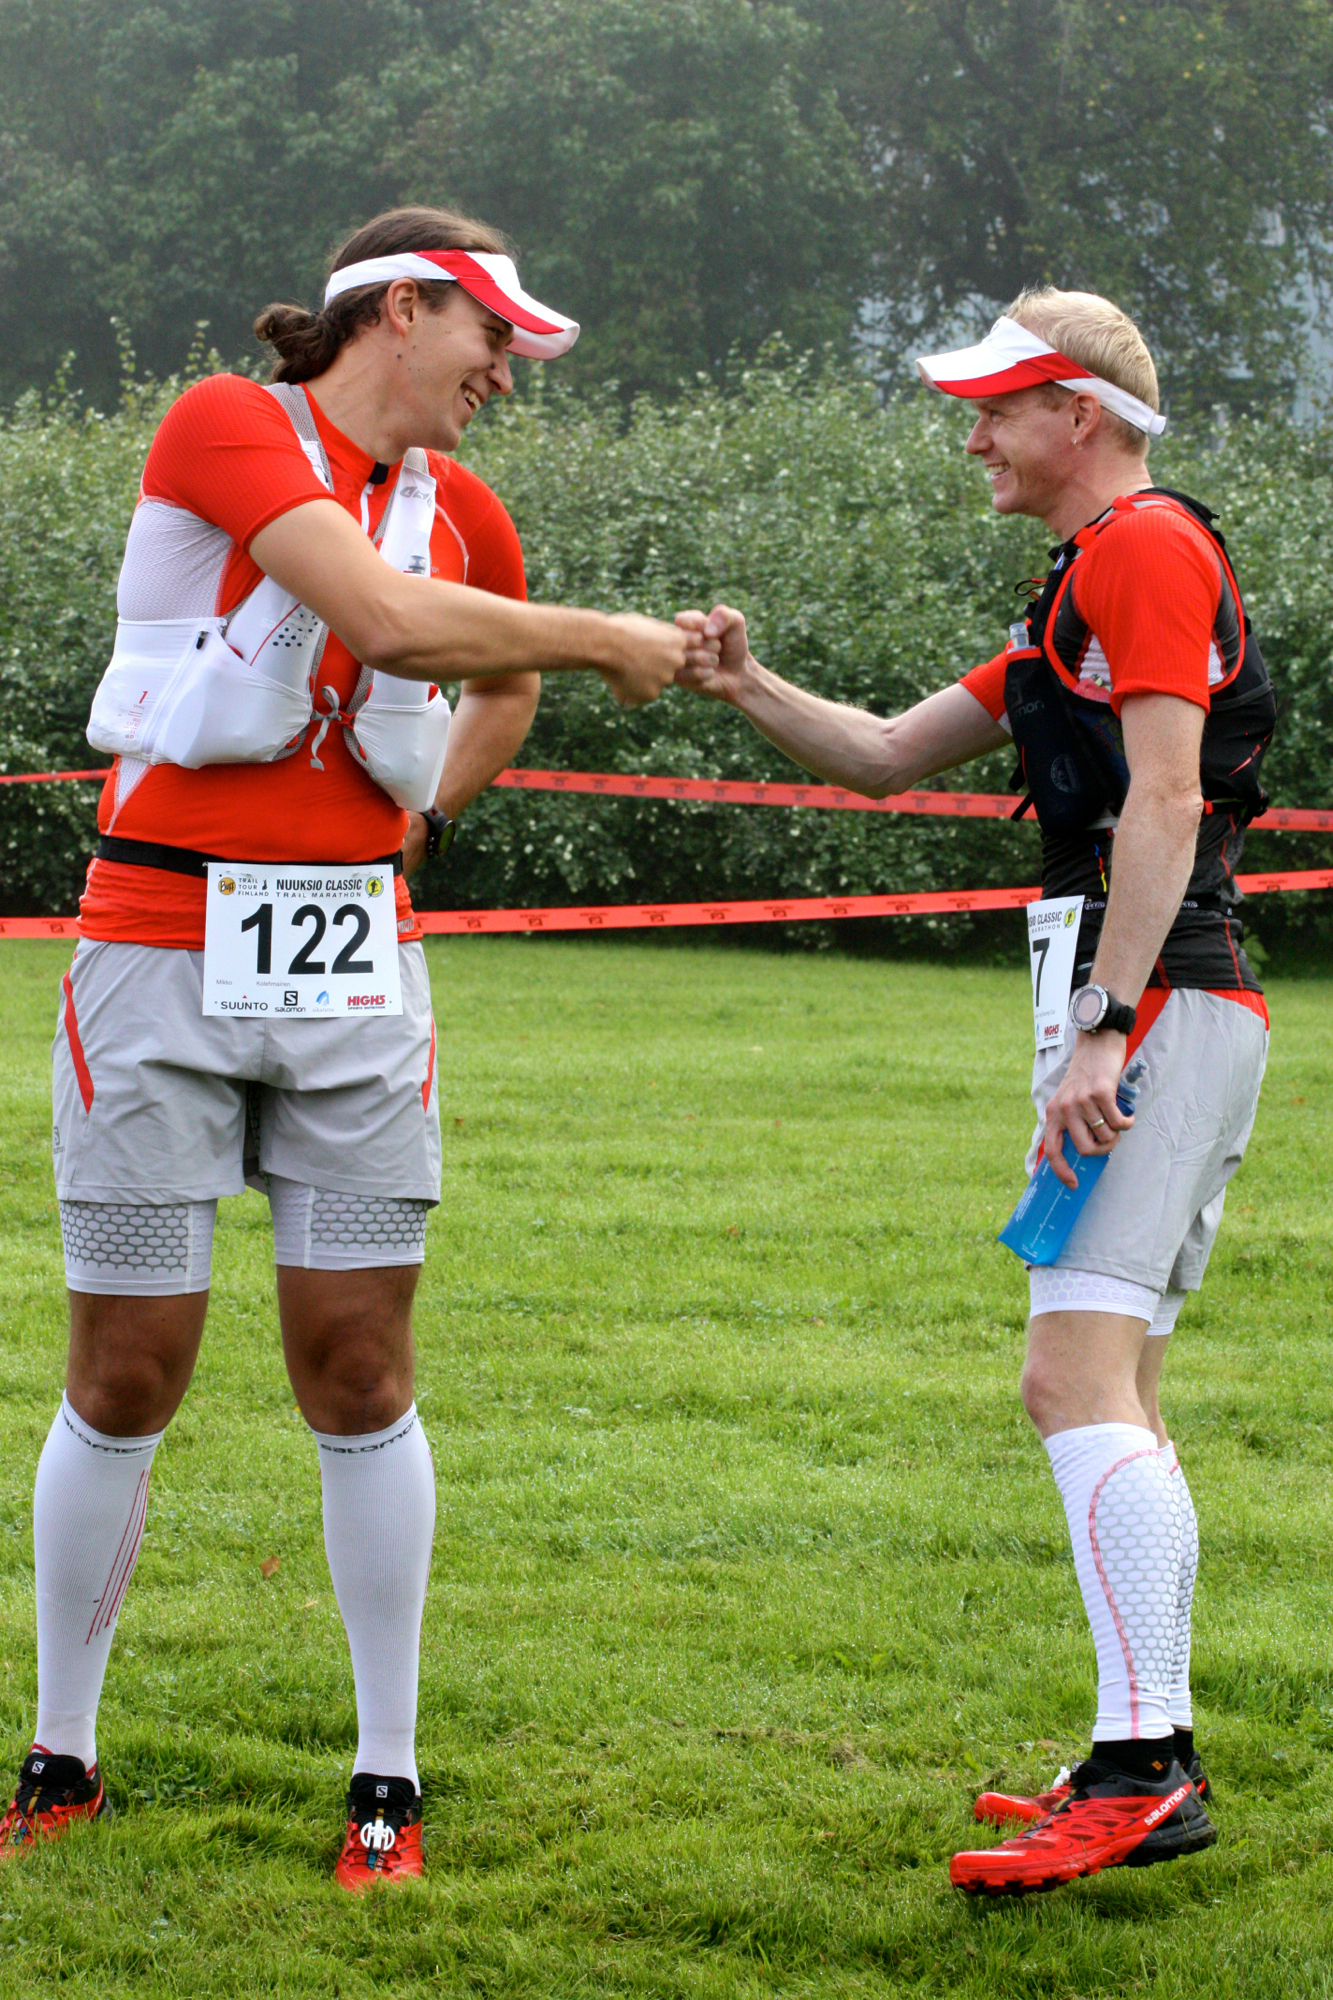 Joukkuetulokset / Team results 2014